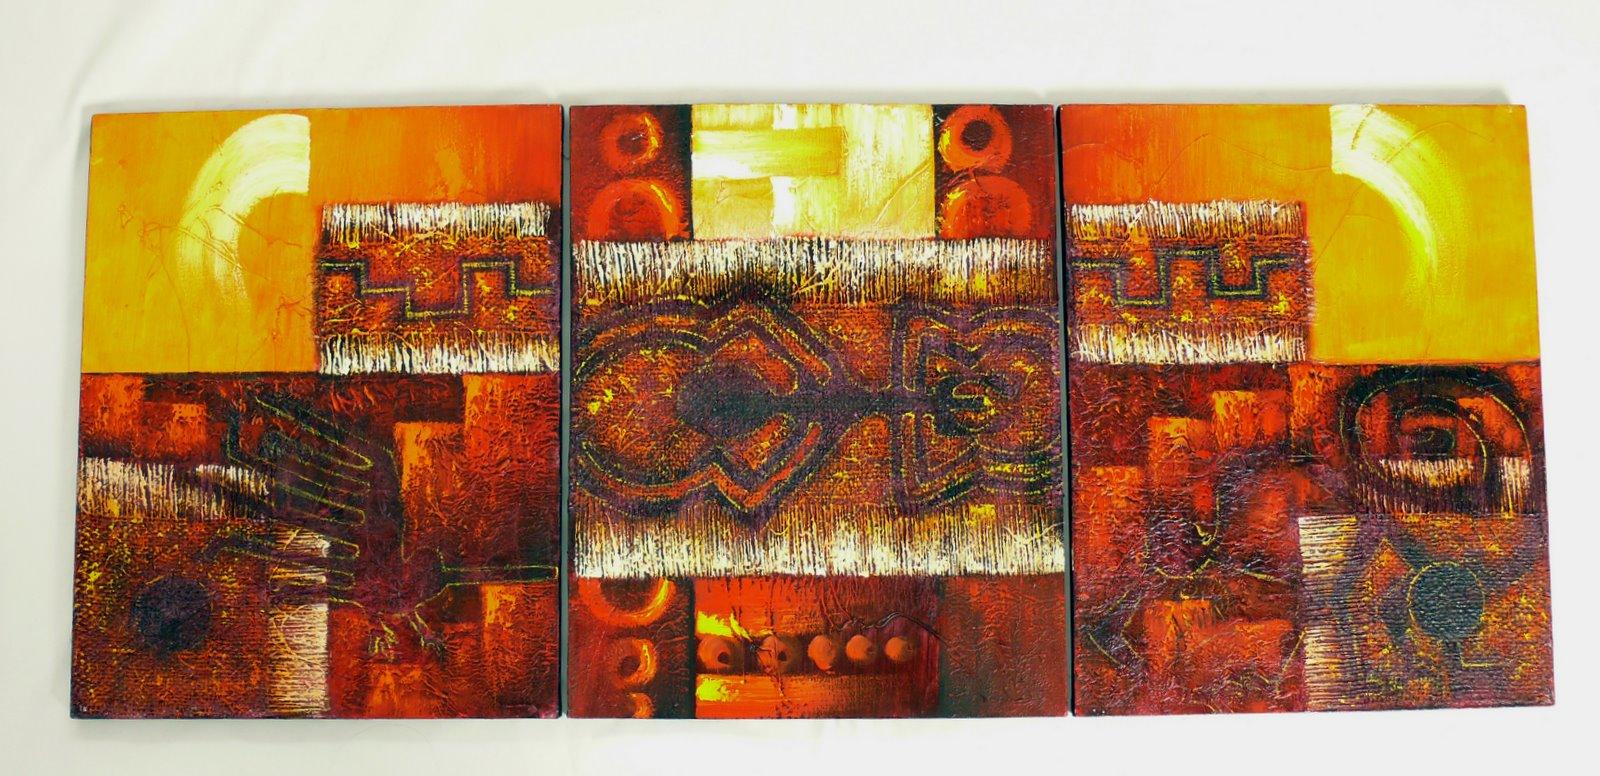 Free download cuadros abstractos originales tripticos for Cuadros tripticos abstractos